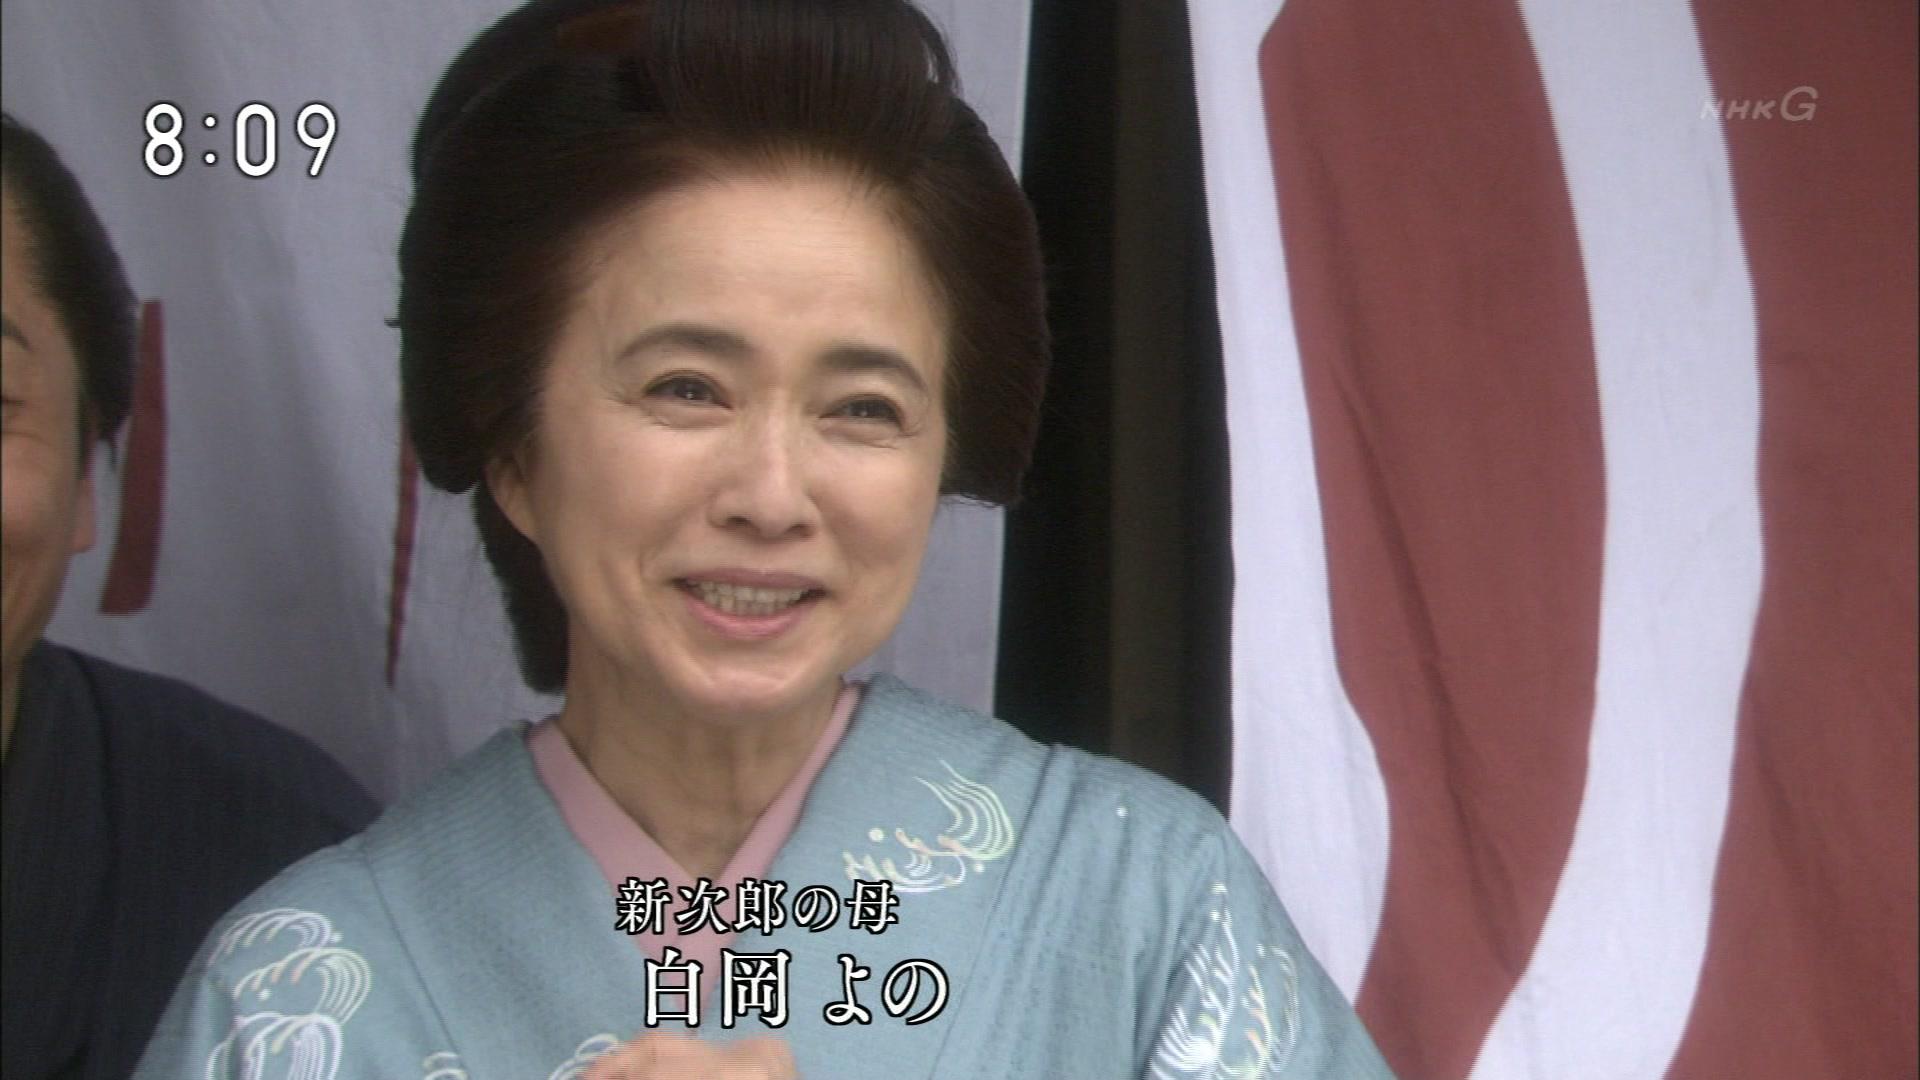 2015-09-30 08:00 連続テレビ小説 あさが来た(3)「小さな許嫁(いいなずけ)」 1747